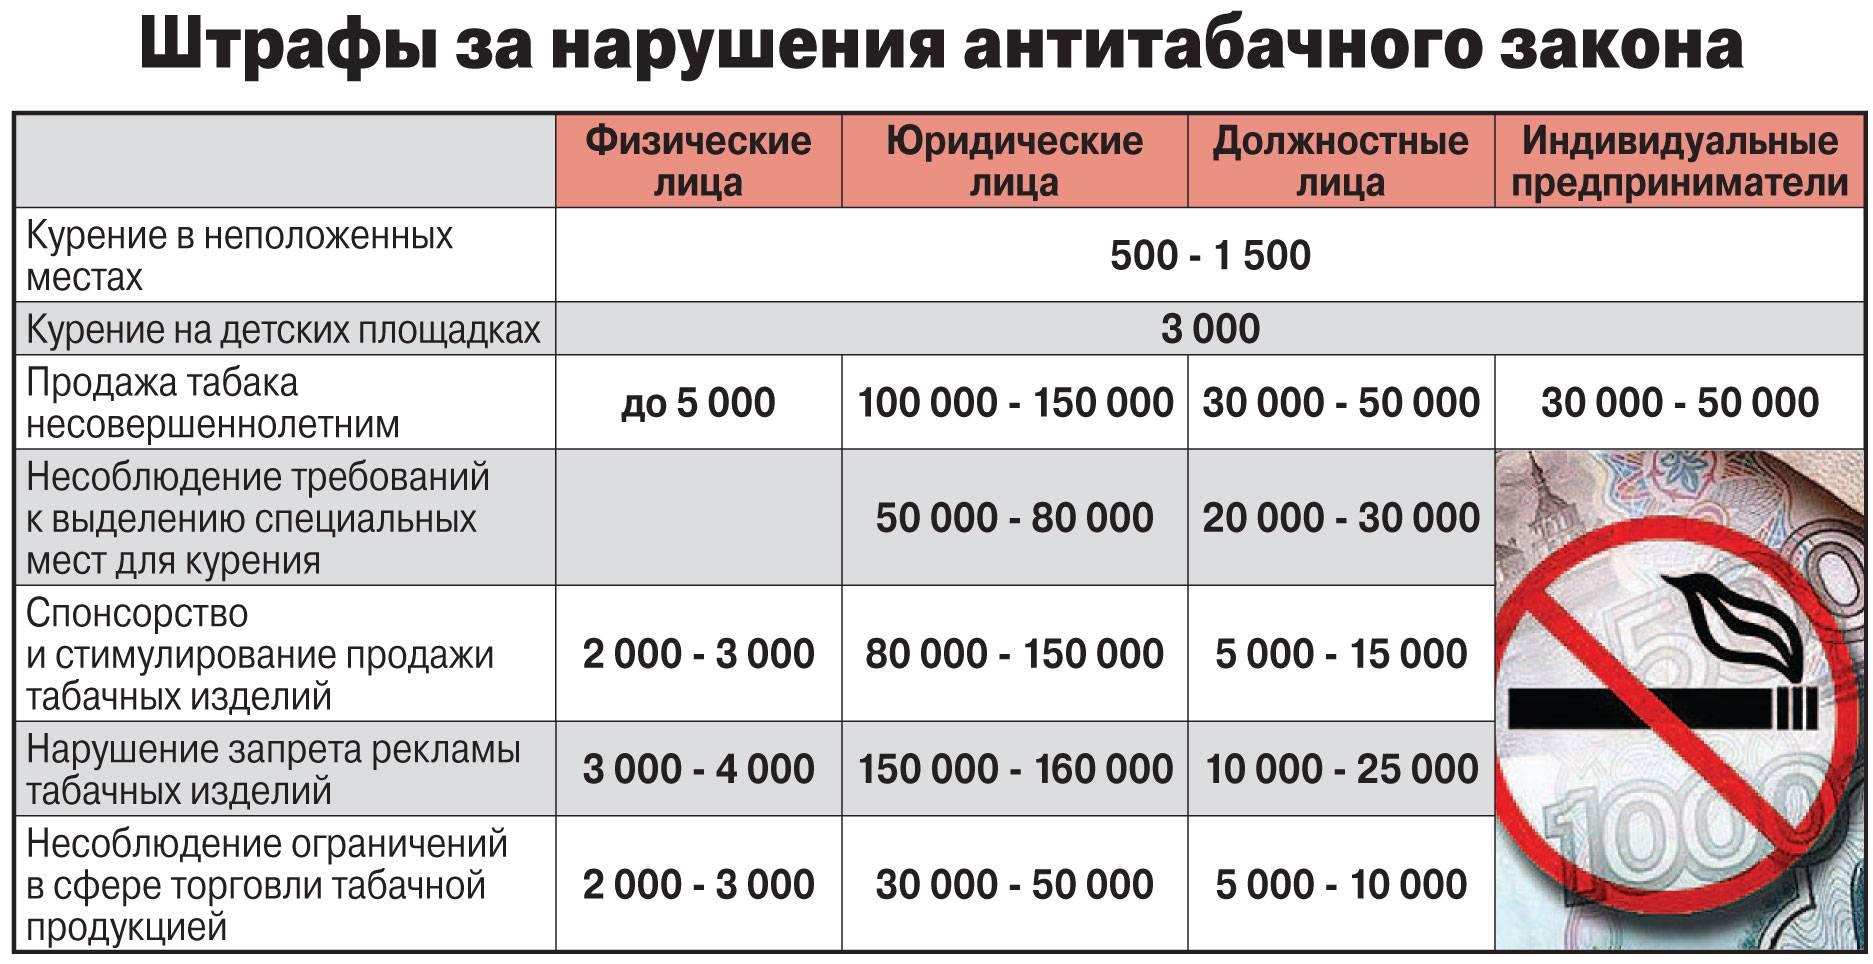 Штрафы за курение 2021: суммы, оплата, запрещенные места